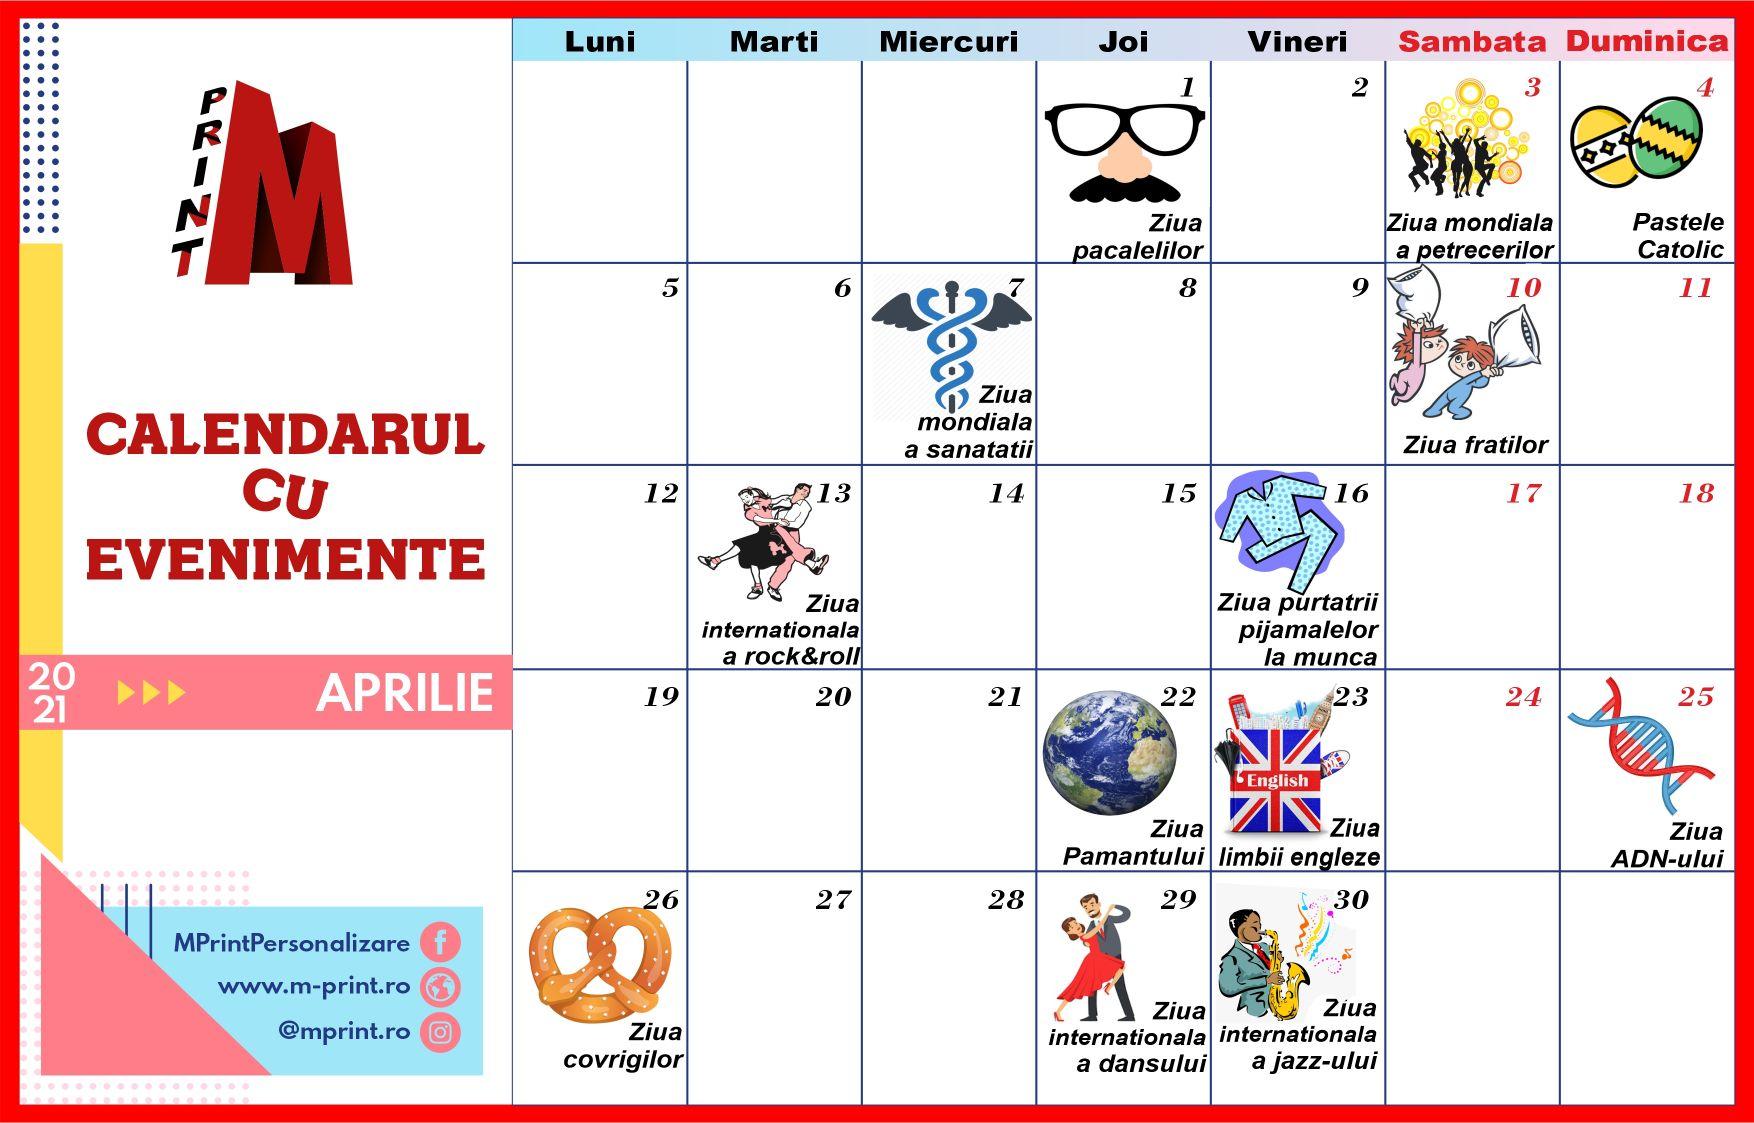 Calendarul cu evenimente al lunii Aprilie 2021